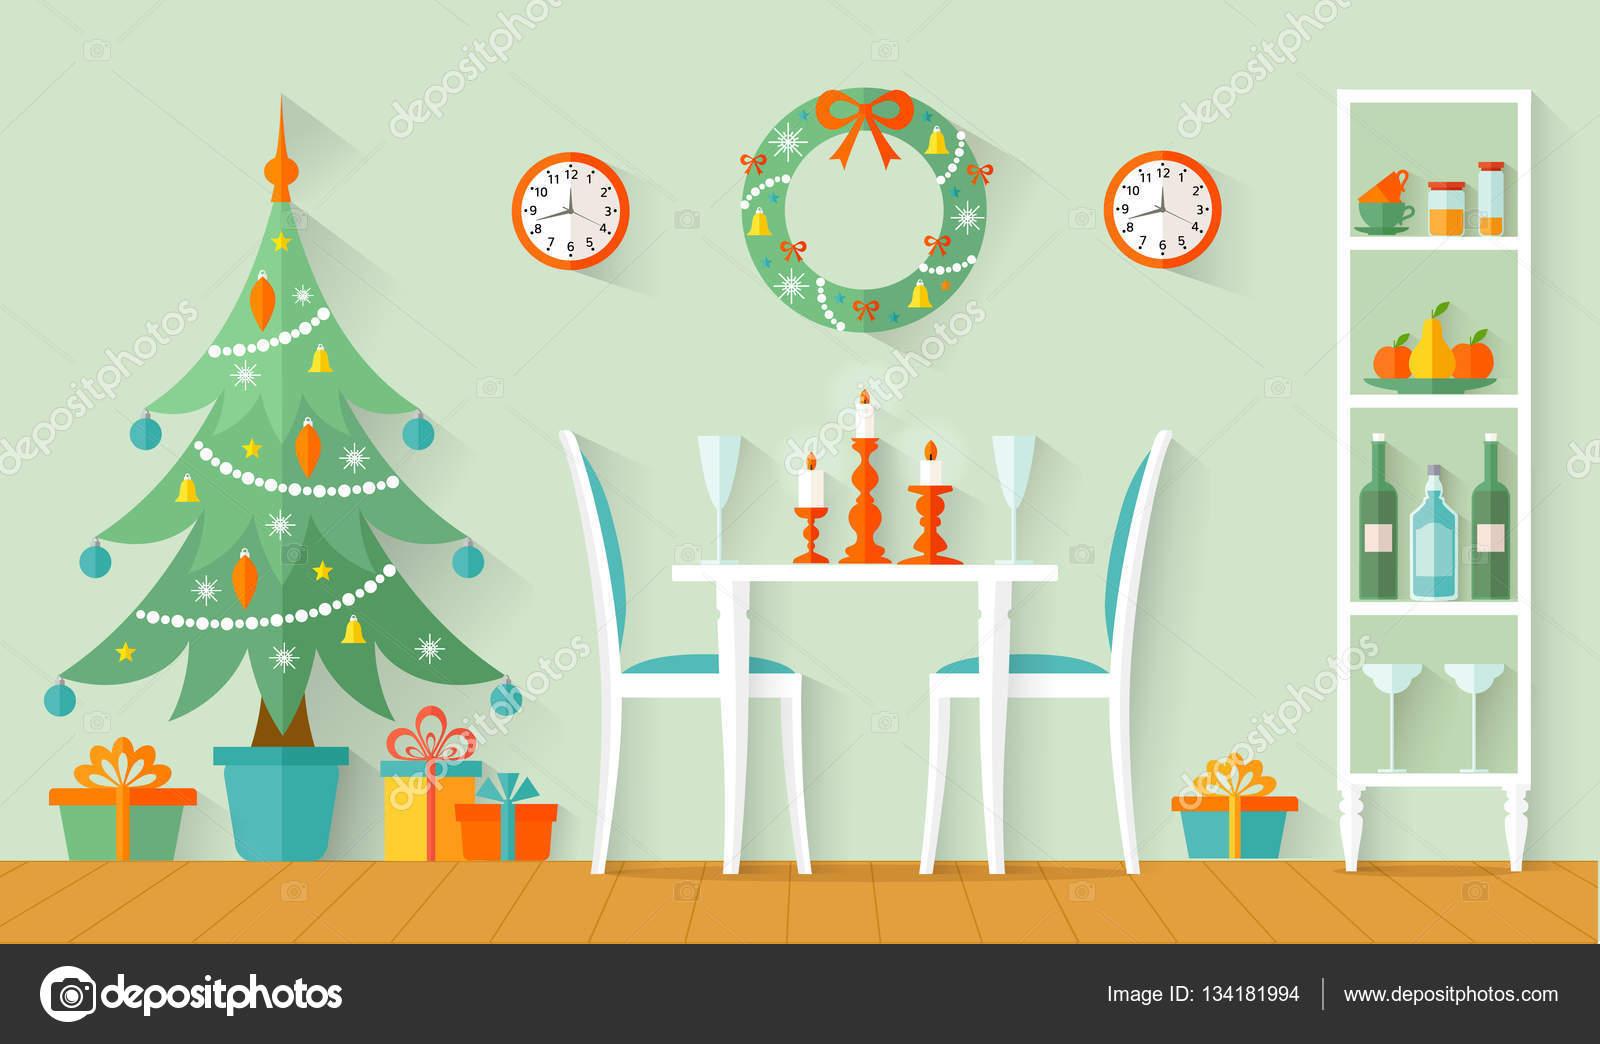 Yeni Yıl İçin Yemek Masası Dekorasyonu